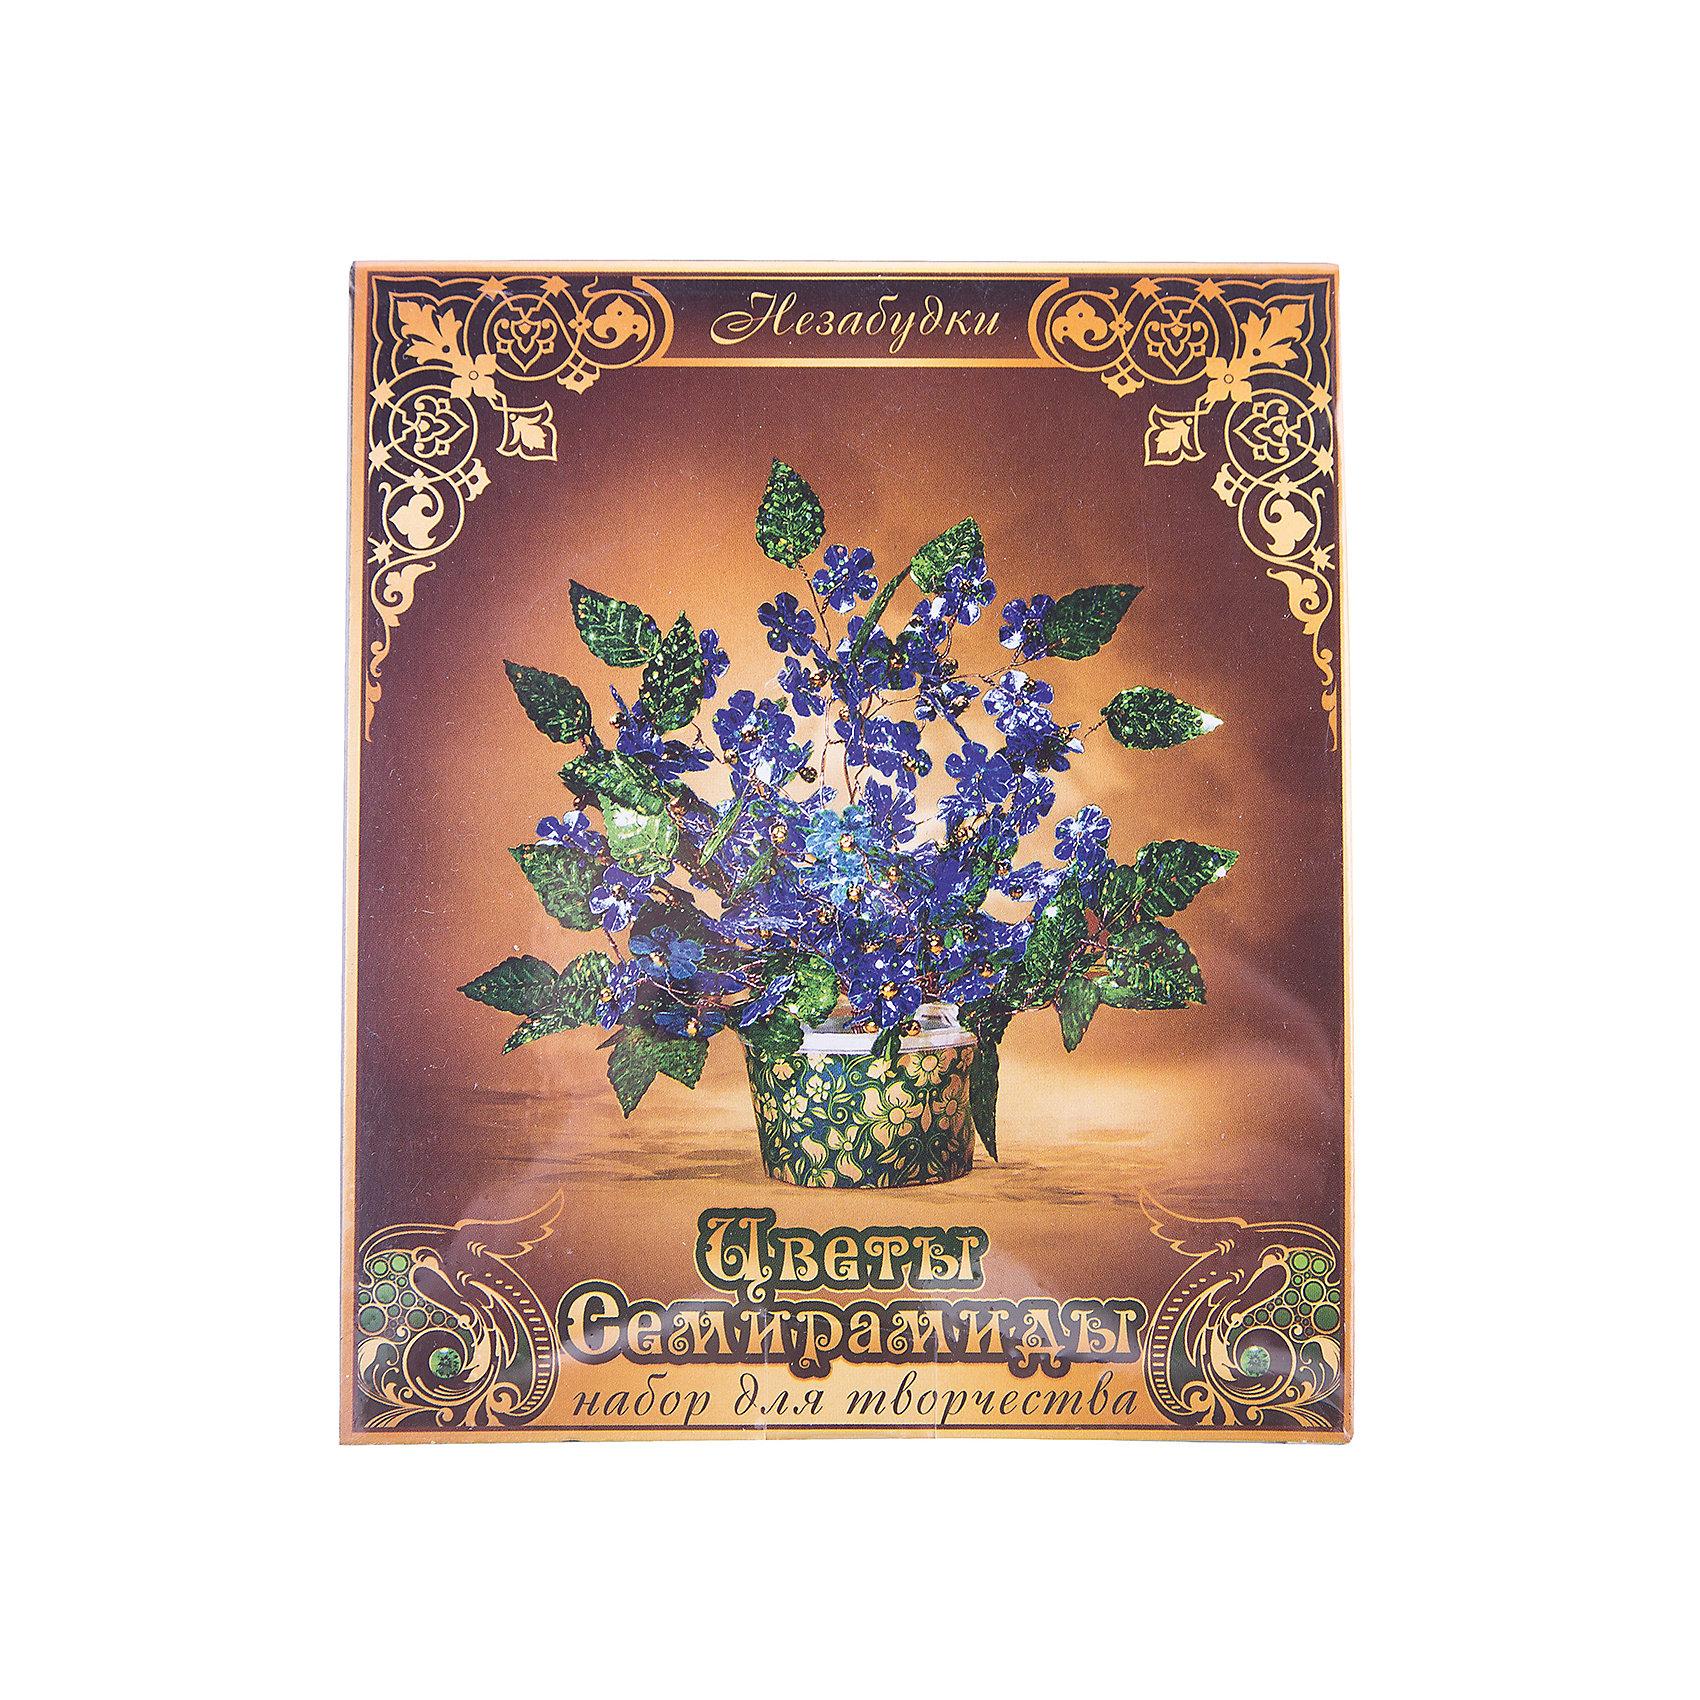 Набор для творчества Цветы Семирамиды НезабудкиСерия «Цветы Семирамиды» представляют собой комплект необходимых<br>материалов, используя которые можно создать своё «Волшебный цветок» из каждого набора. Наборы предназначены для семейного творчества.<br><br>Ширина мм: 12<br>Глубина мм: 3<br>Высота мм: 14<br>Вес г: 90<br>Возраст от месяцев: 84<br>Возраст до месяцев: 192<br>Пол: Унисекс<br>Возраст: Детский<br>SKU: 5068885